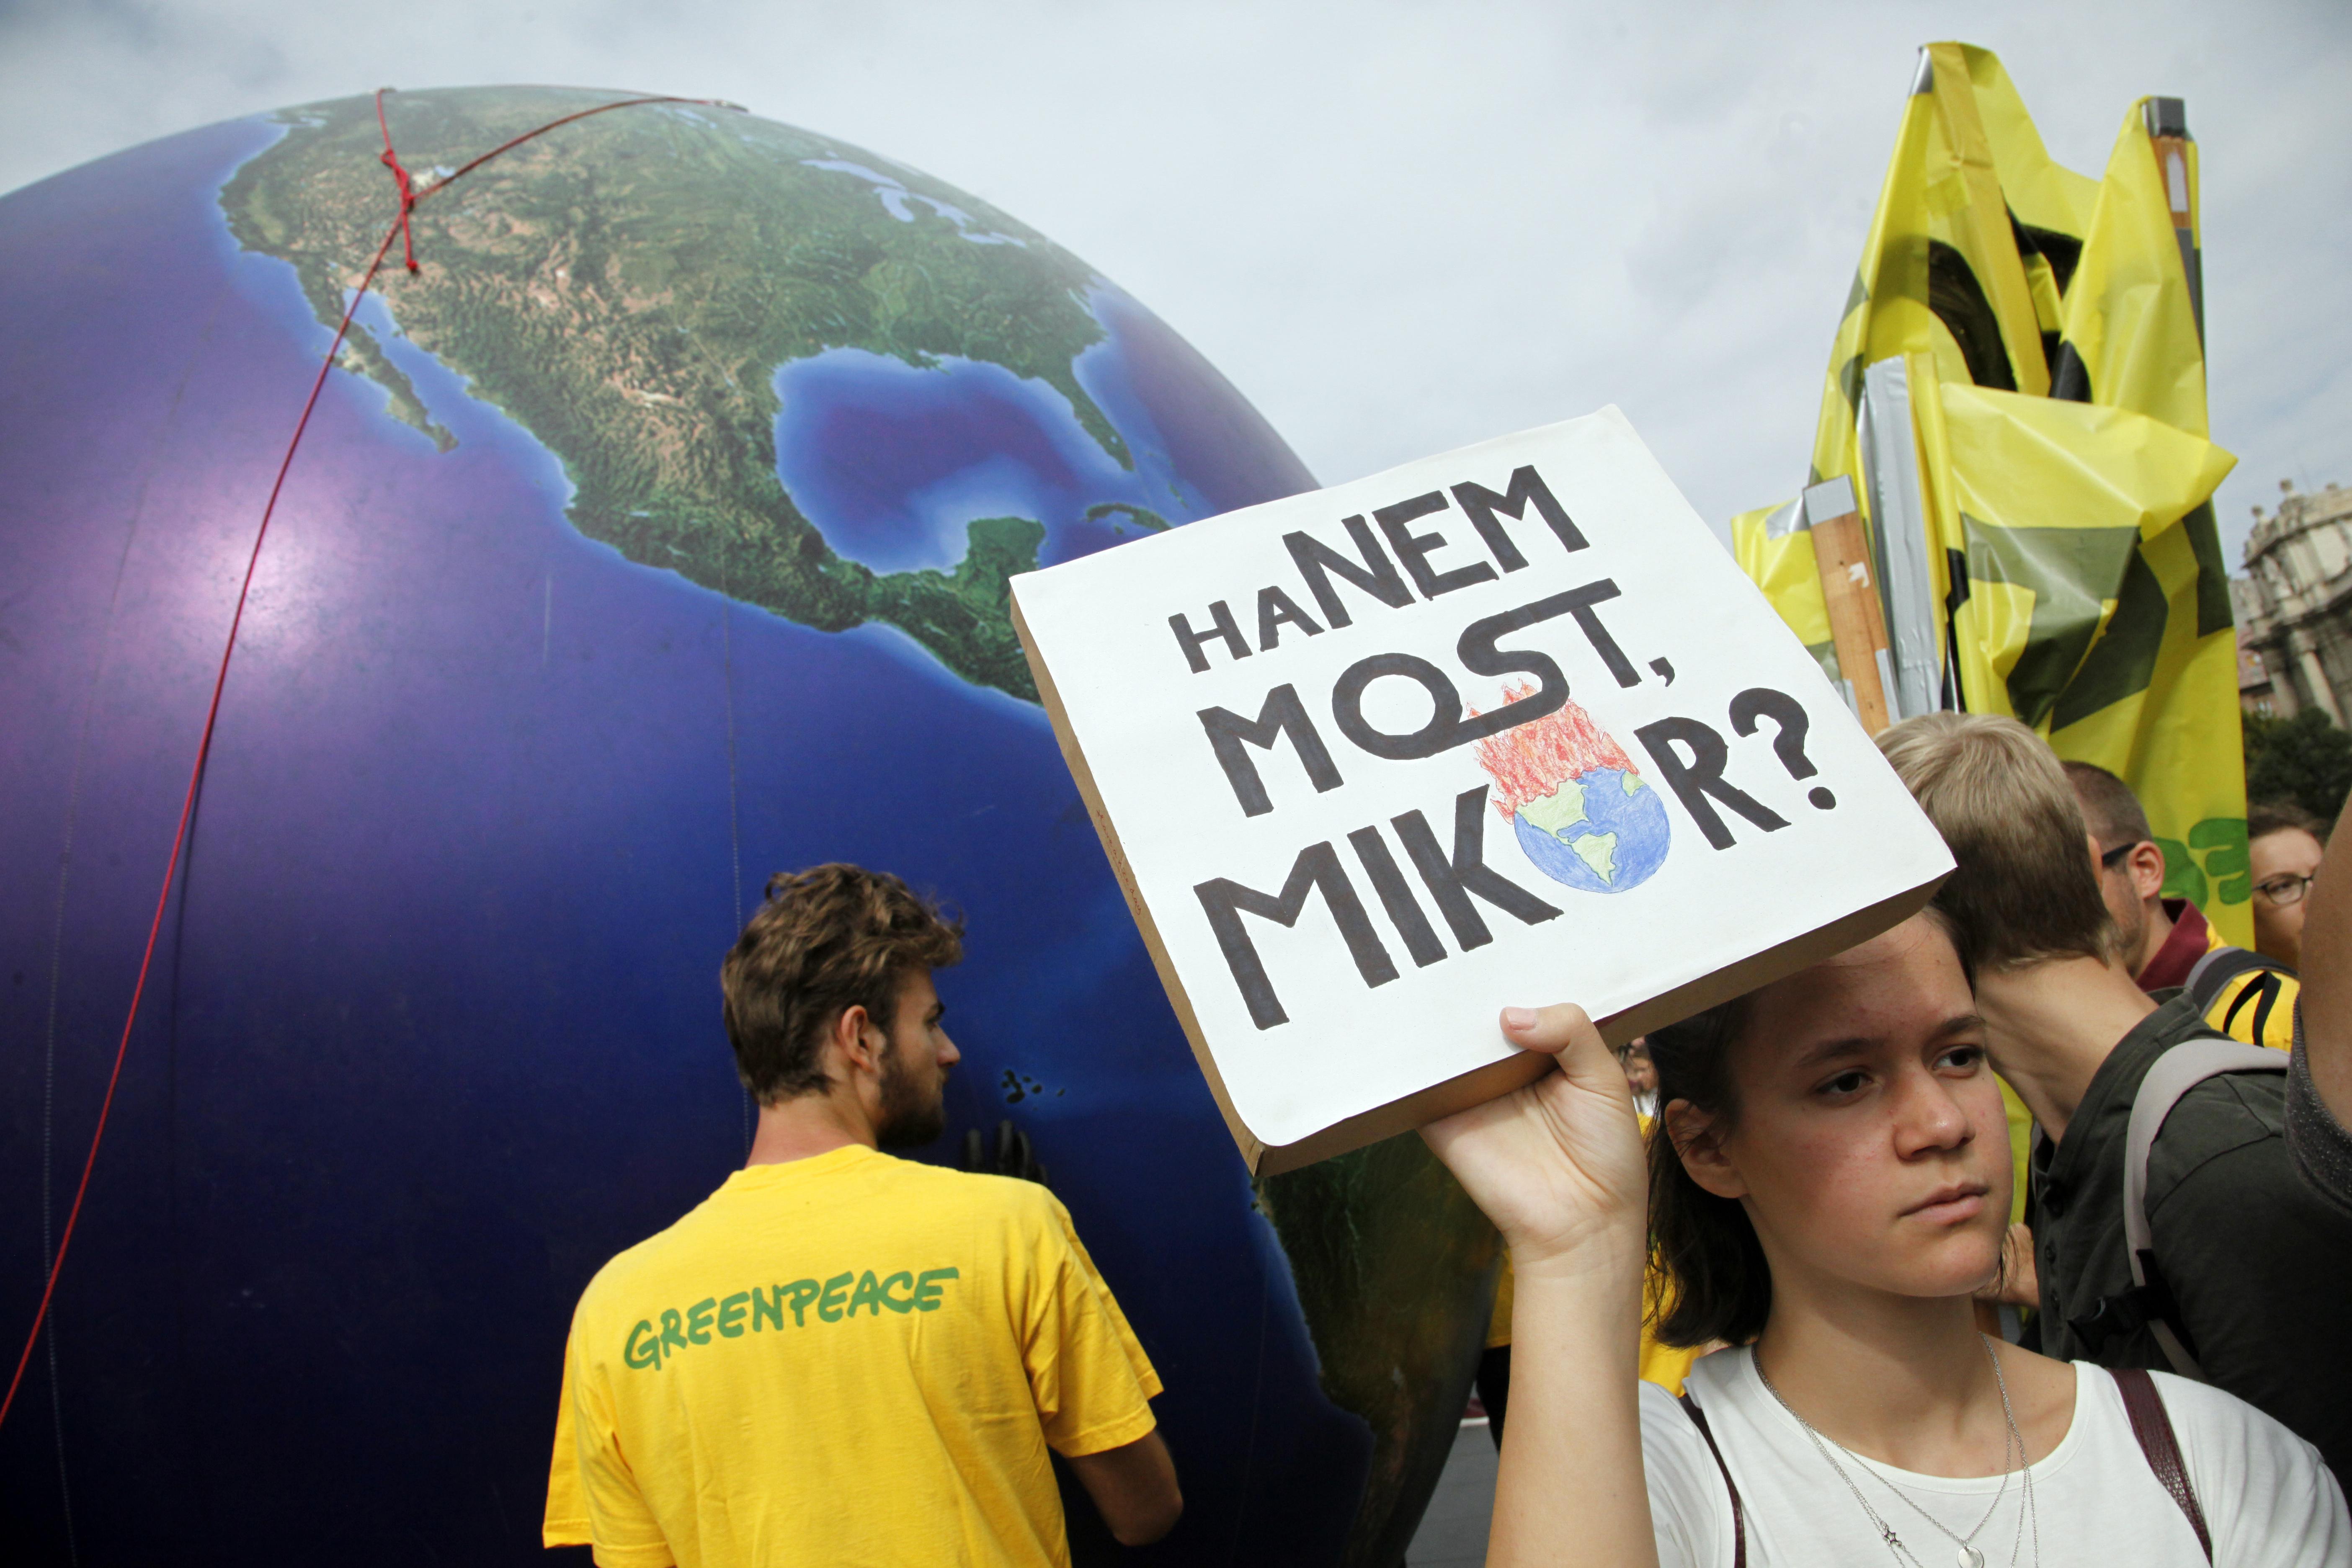 Bepanaszolták a kormányt, amiért elsunnyogták a klímaügyi konzultációt